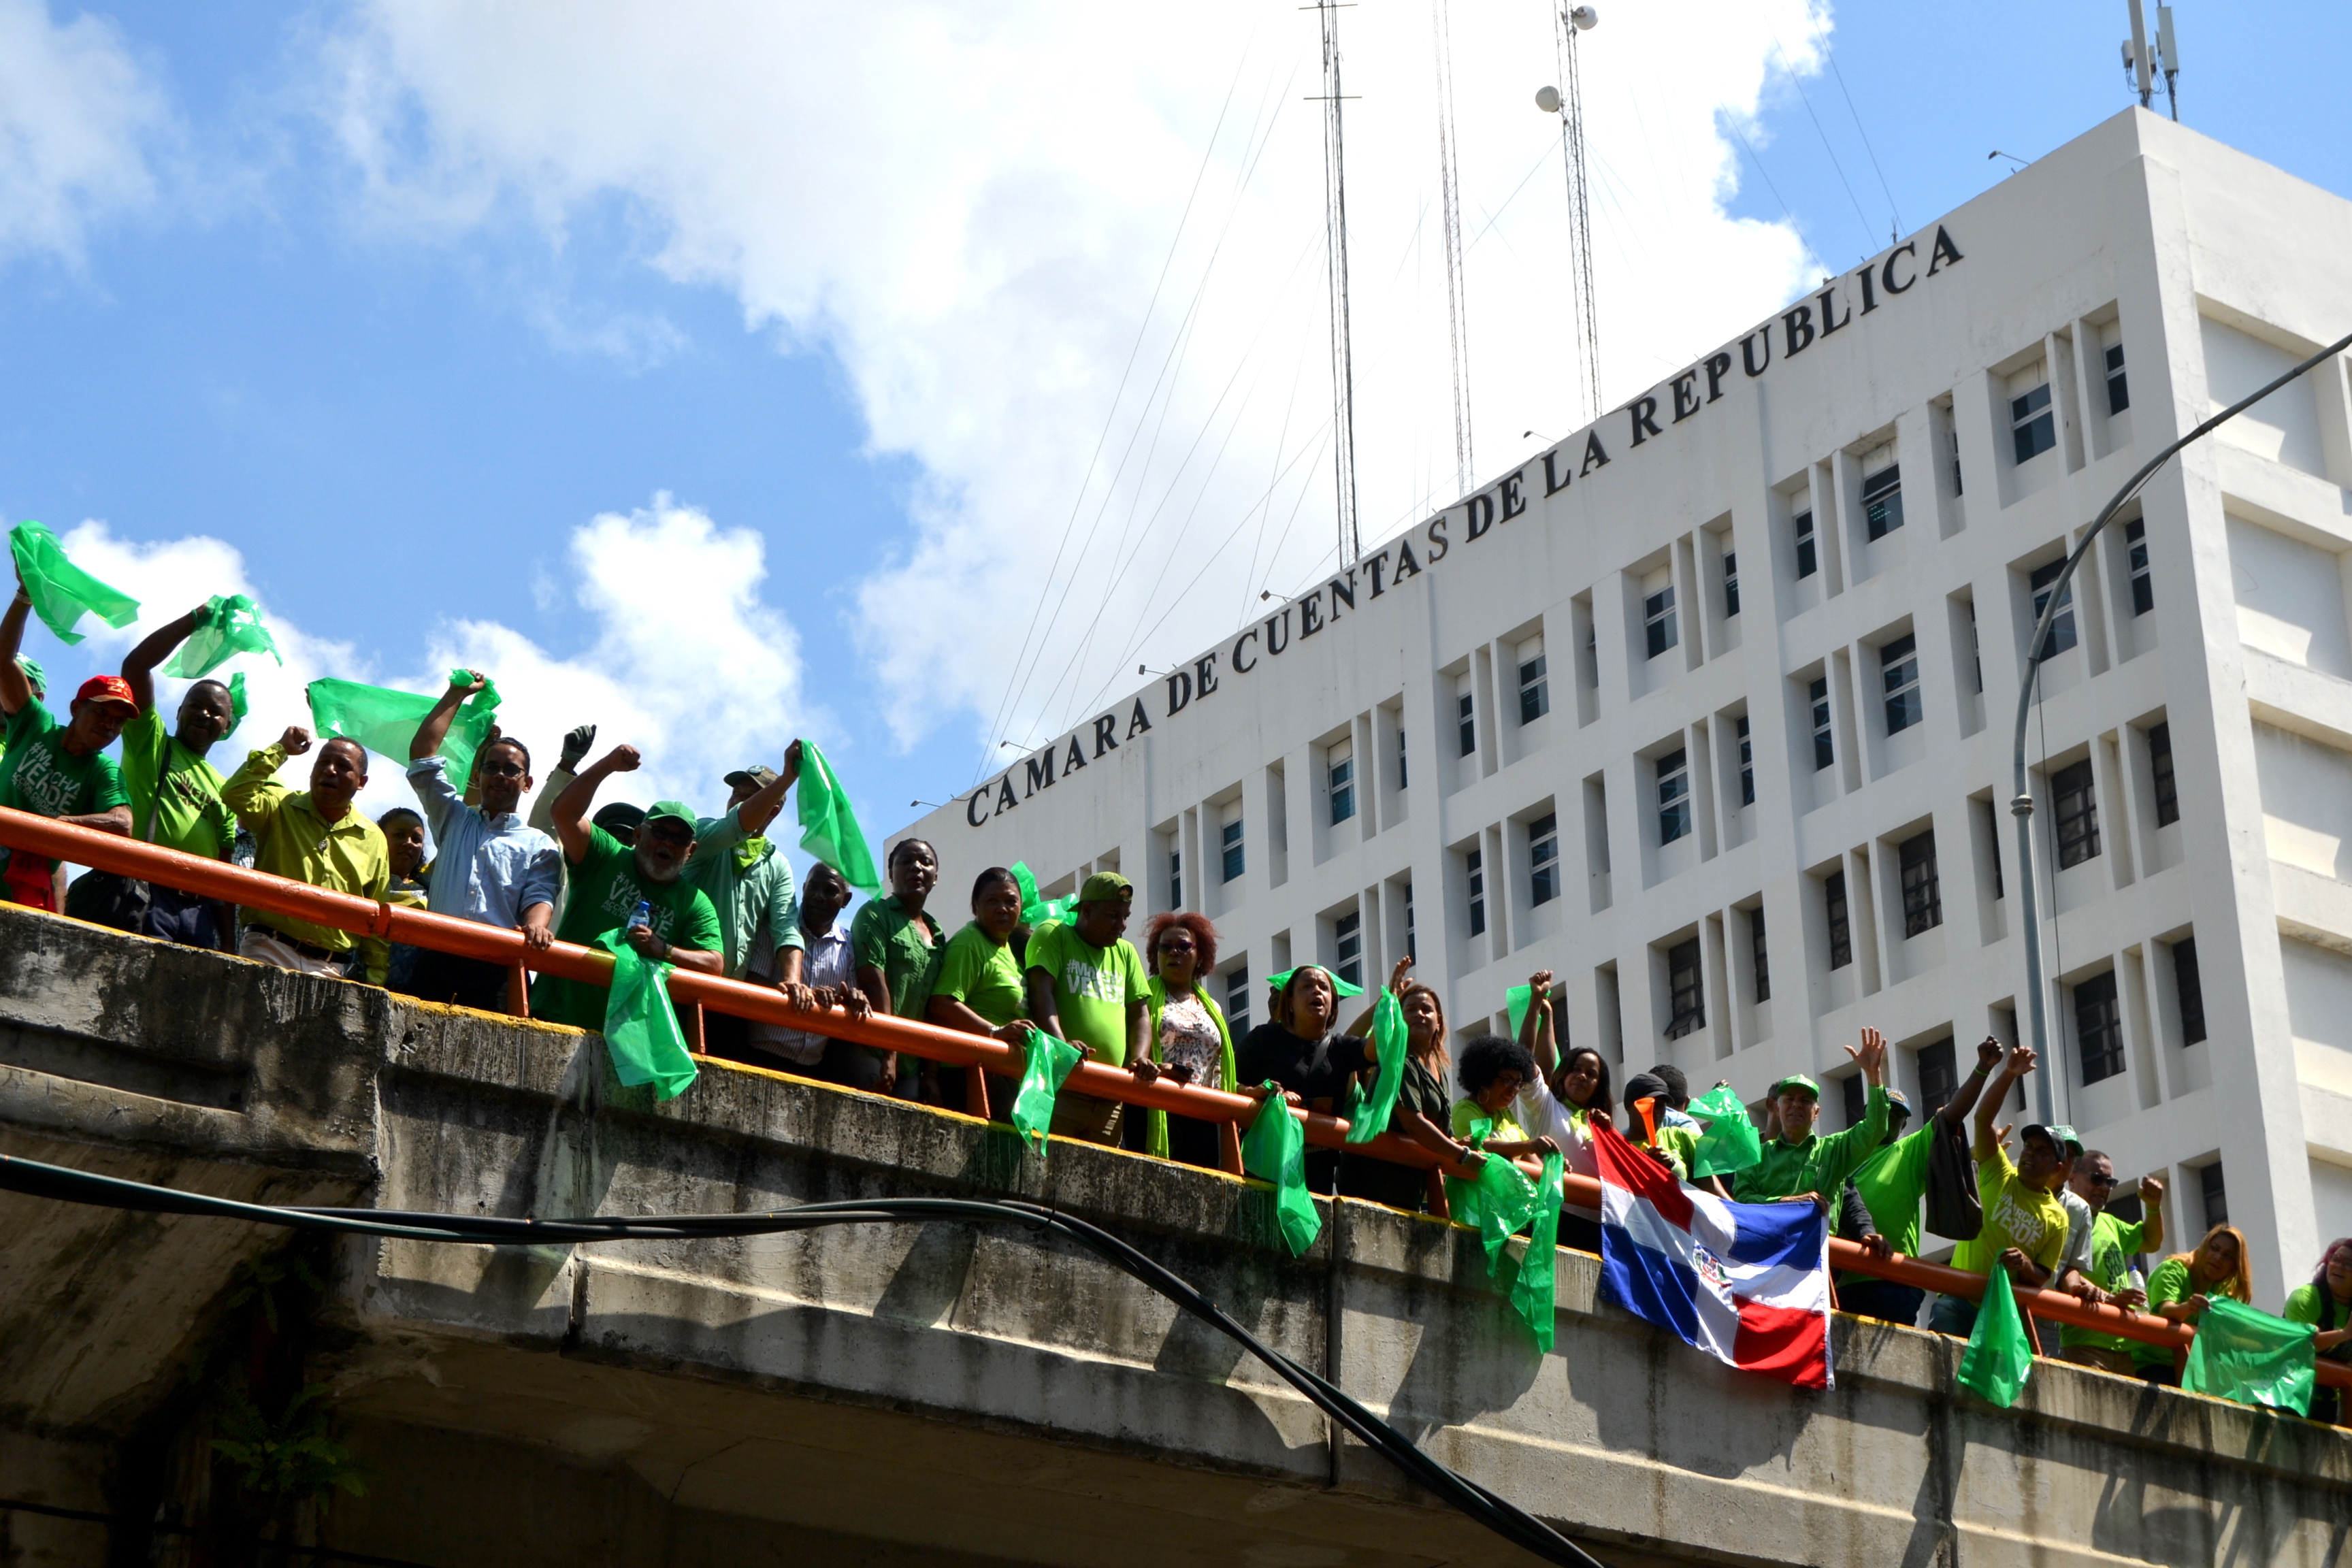 Marcha Verde declara ilegítimos a miembros de la Cámara de Cuentas